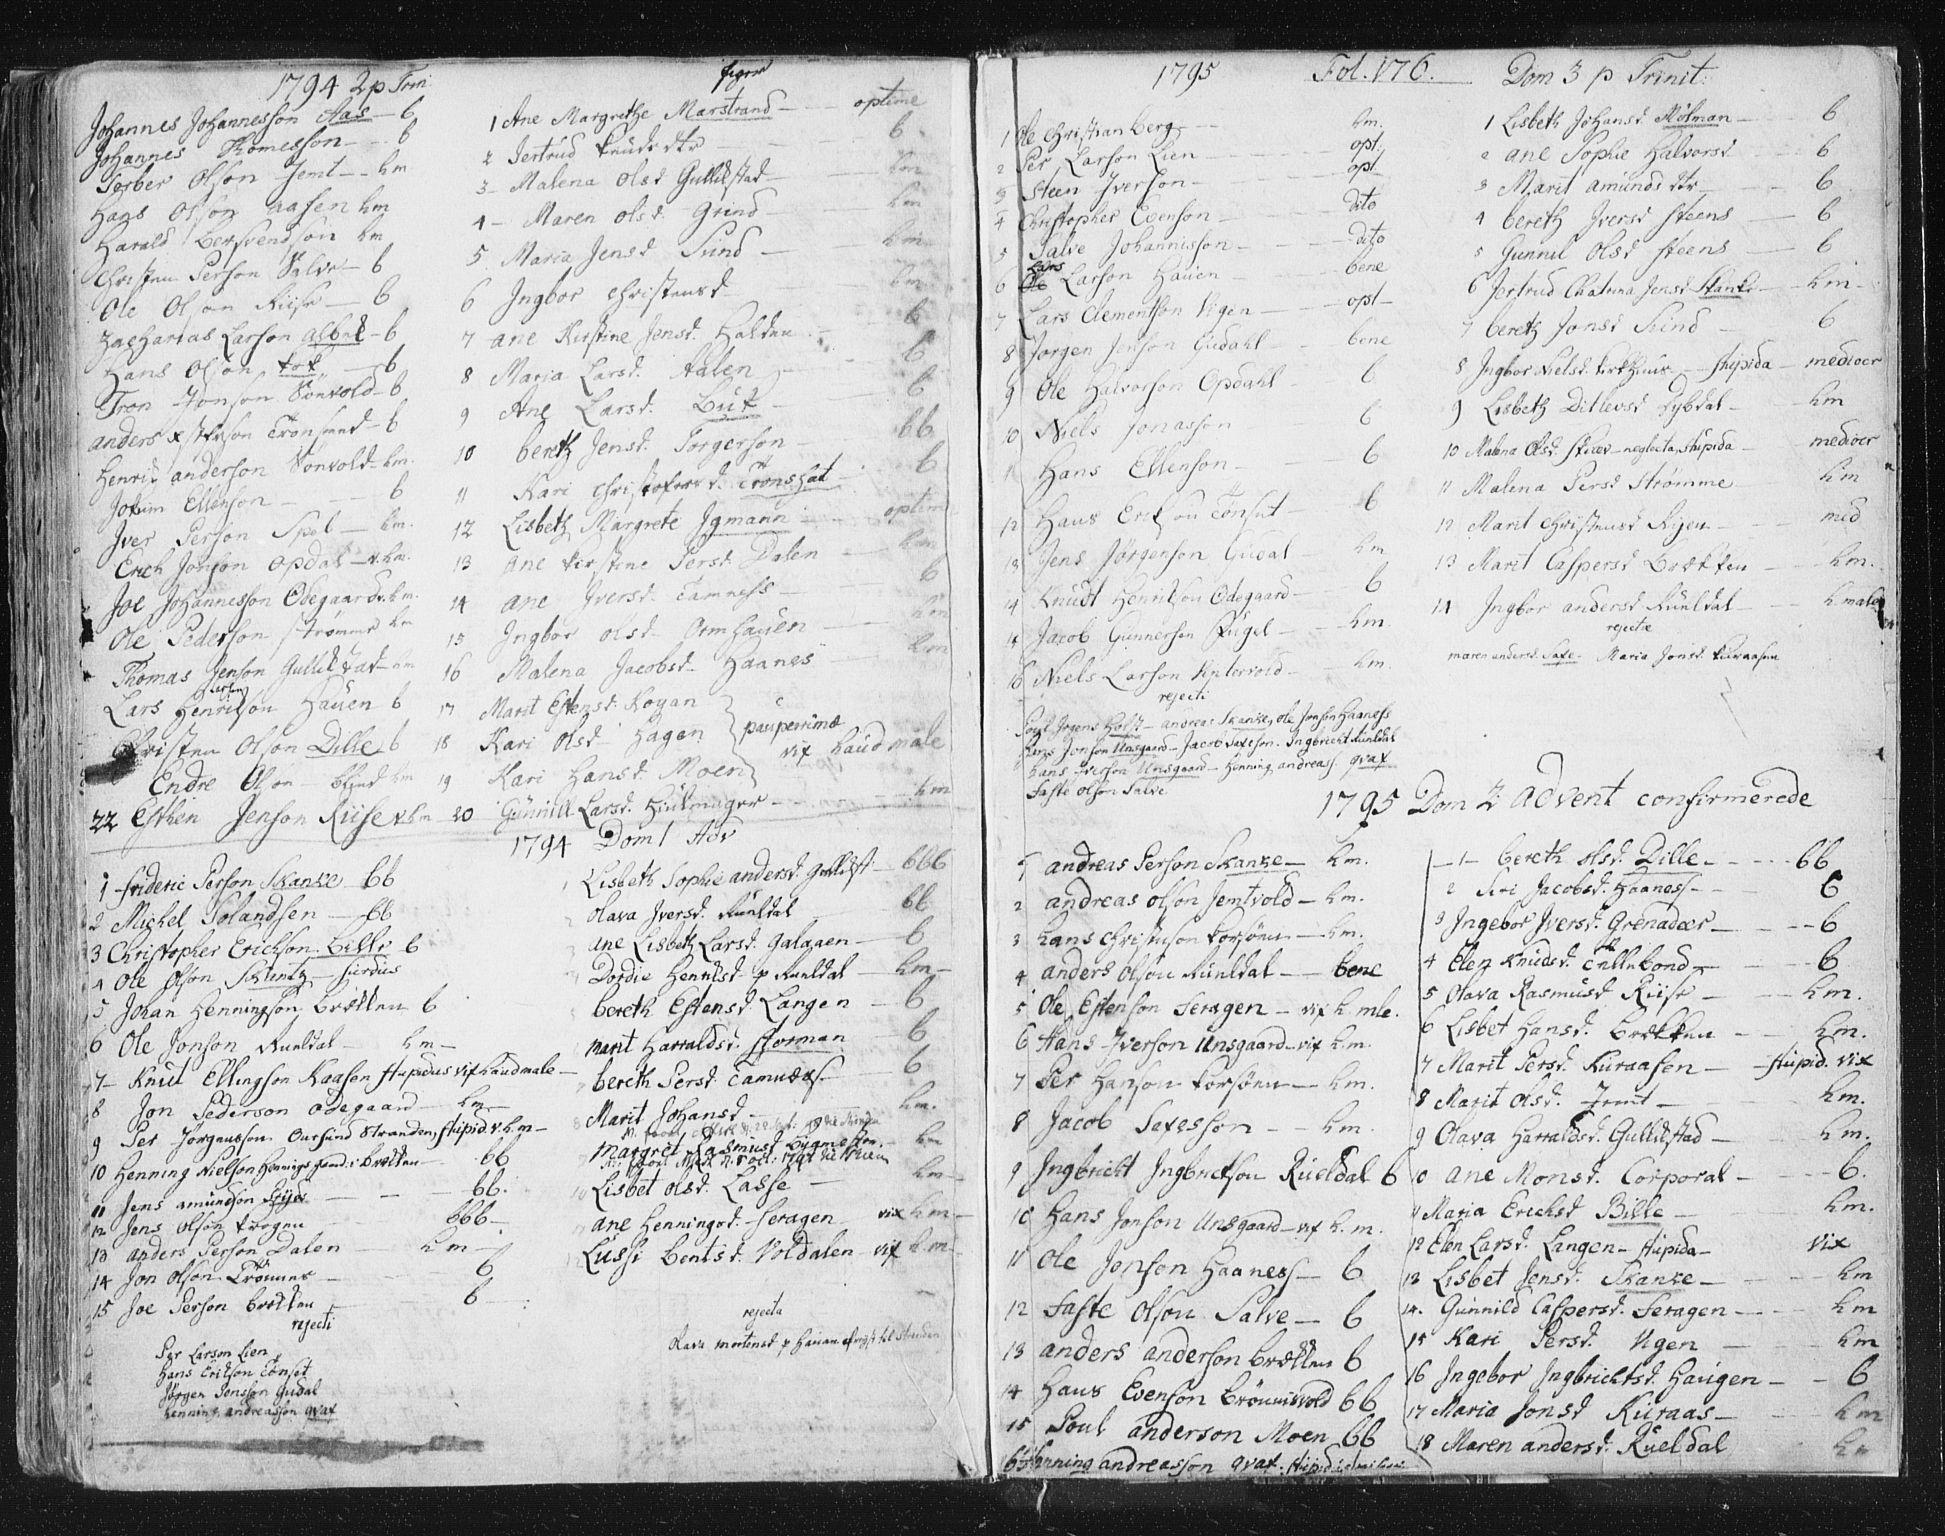 SAT, Ministerialprotokoller, klokkerbøker og fødselsregistre - Sør-Trøndelag, 681/L0926: Ministerialbok nr. 681A04, 1767-1797, s. 176